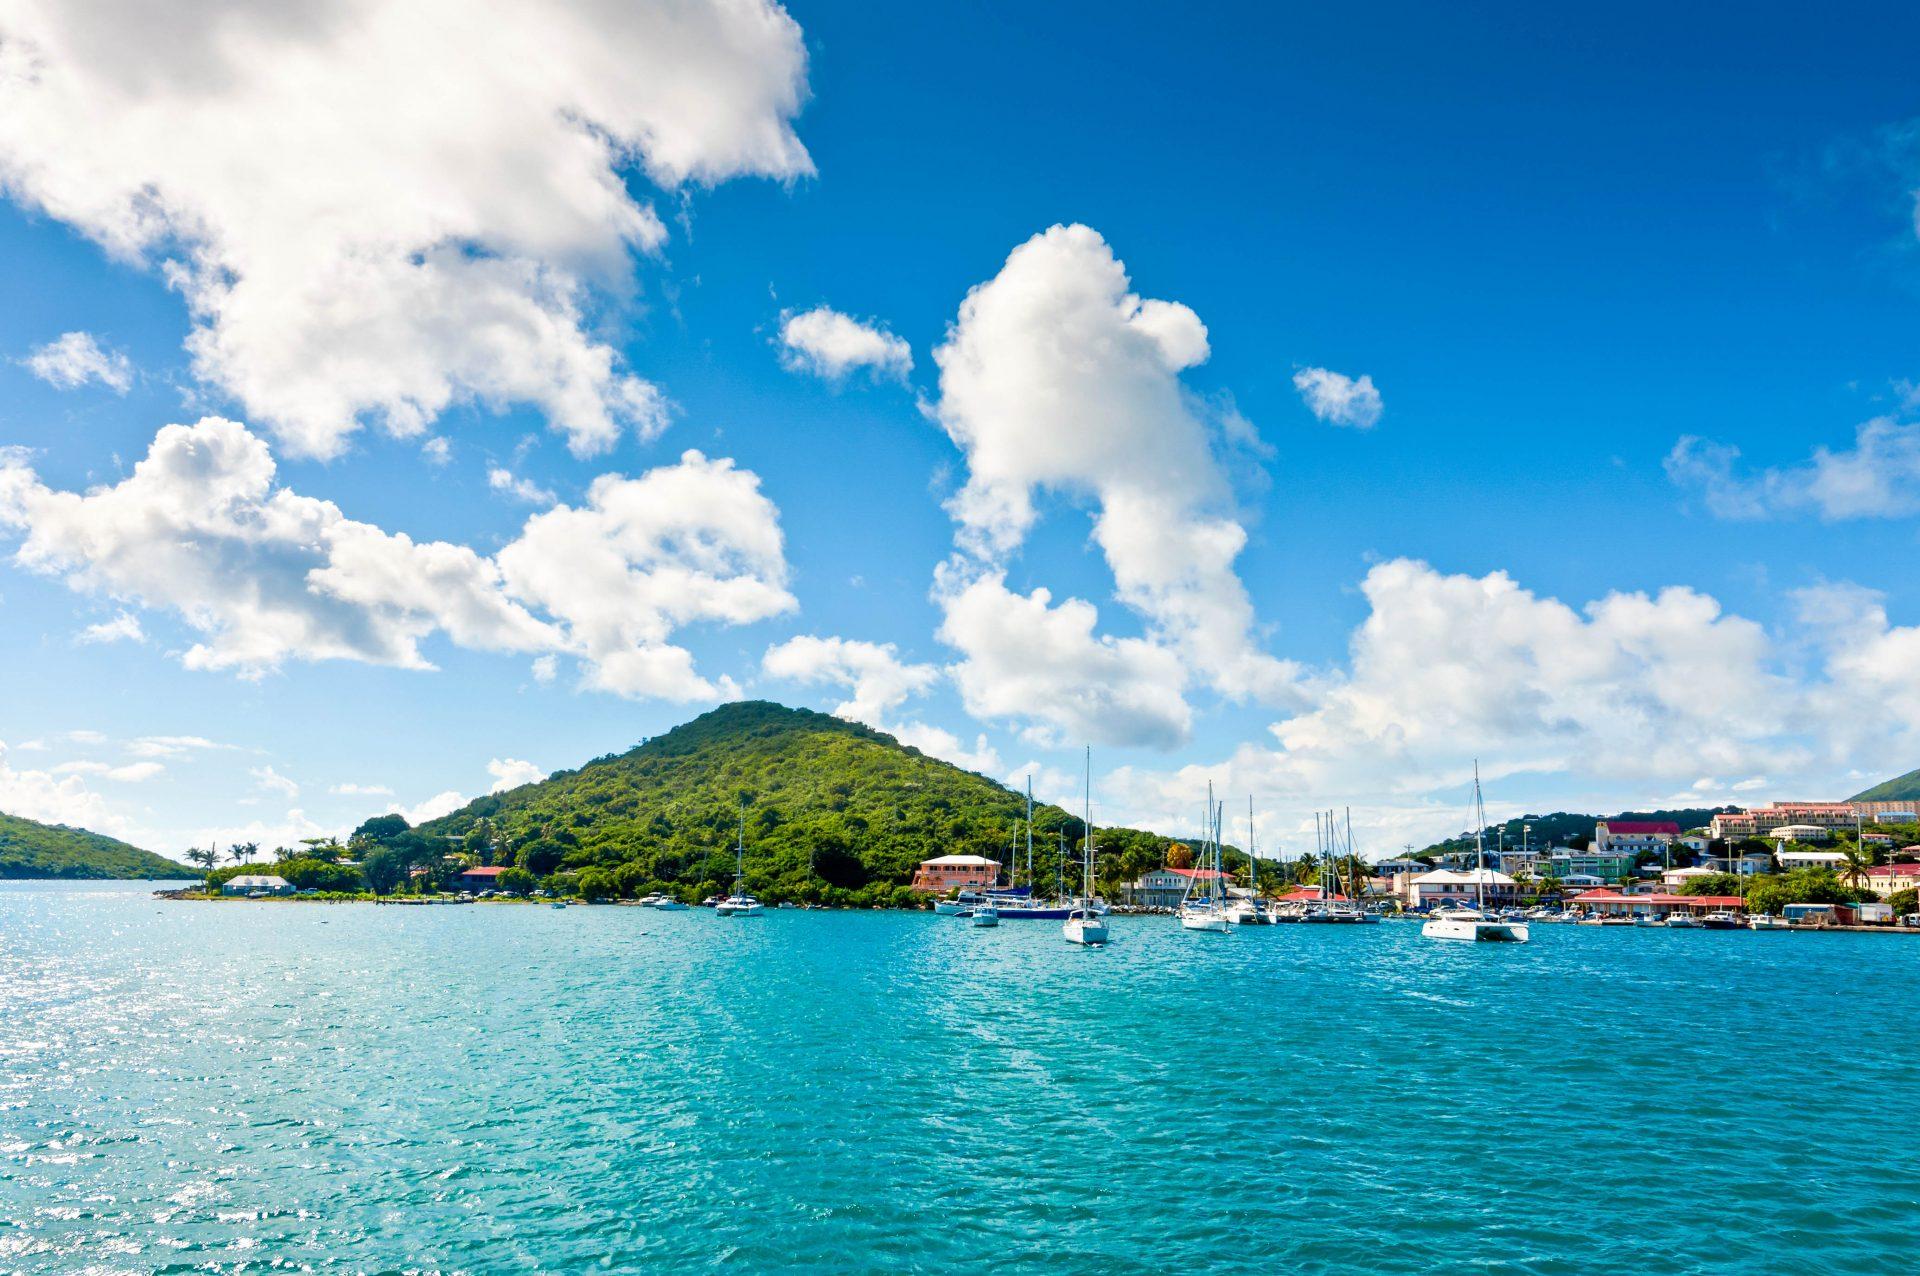 In den Buchten der Karibik liegen oft viele Jachten